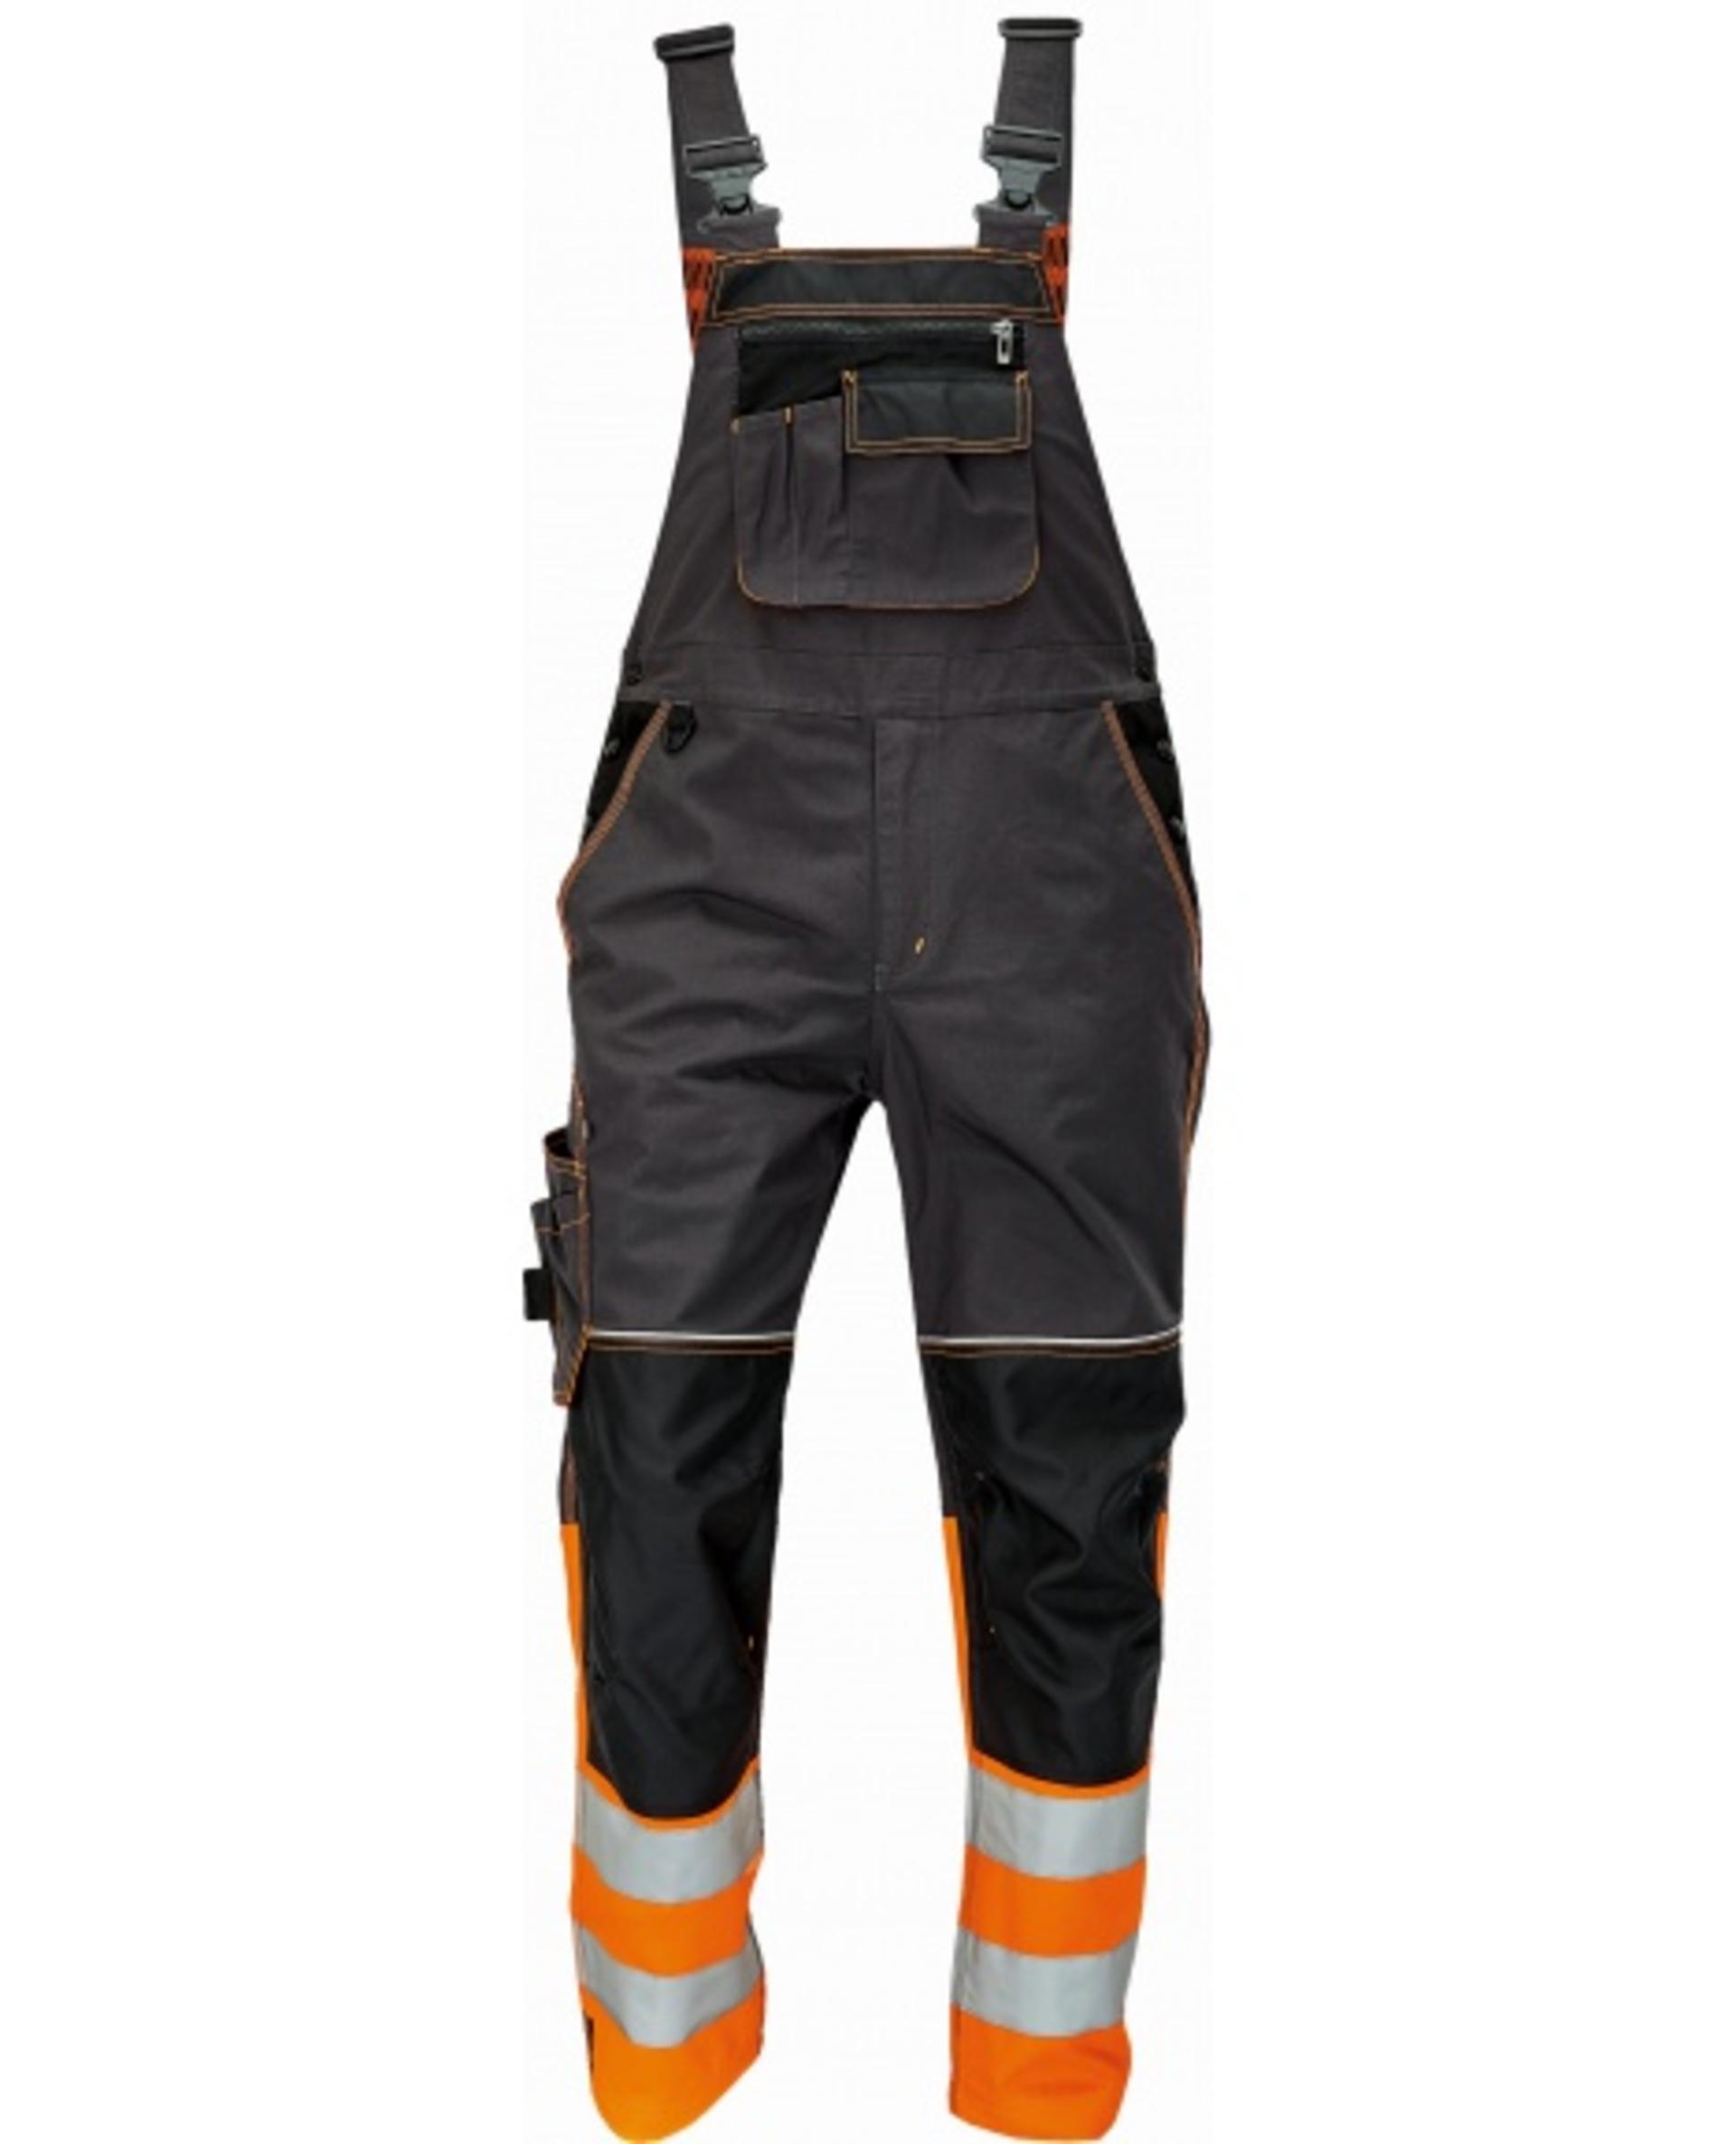 Cerva KNOXFIELD REFLEX Kalhoty pracovní s laclem černá/oranžová 50